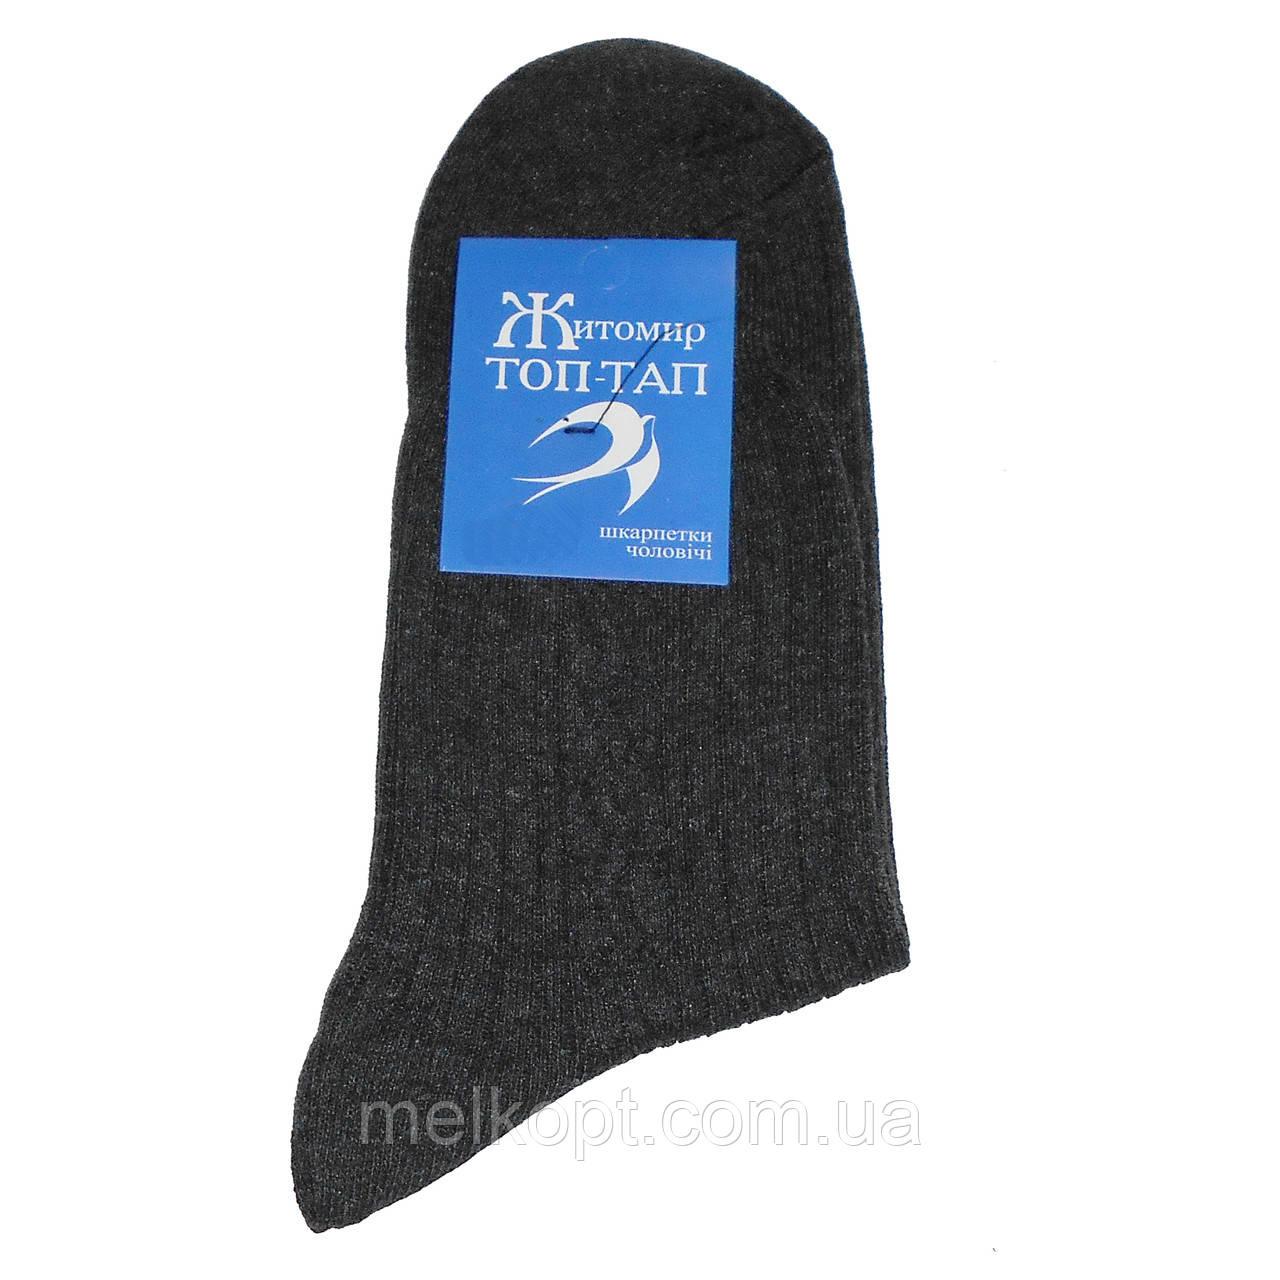 Мужские носки ТОП-ТАП - 8,90 грн./пара (полушерсть, темно-серые)